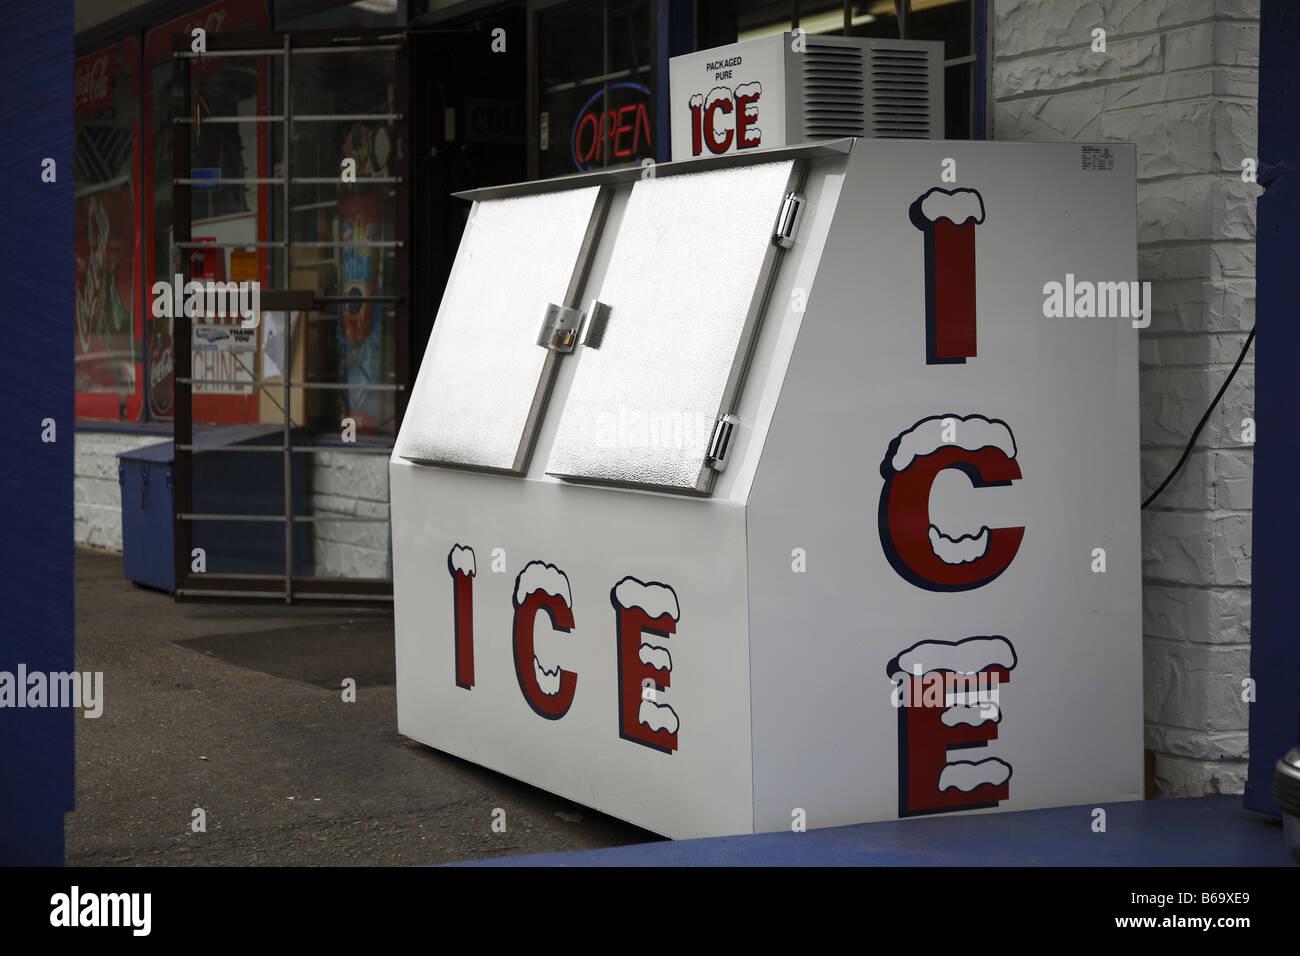 Kühlschrank Querformat : Kanada canada bc brittische british columbia ice box eissschrank